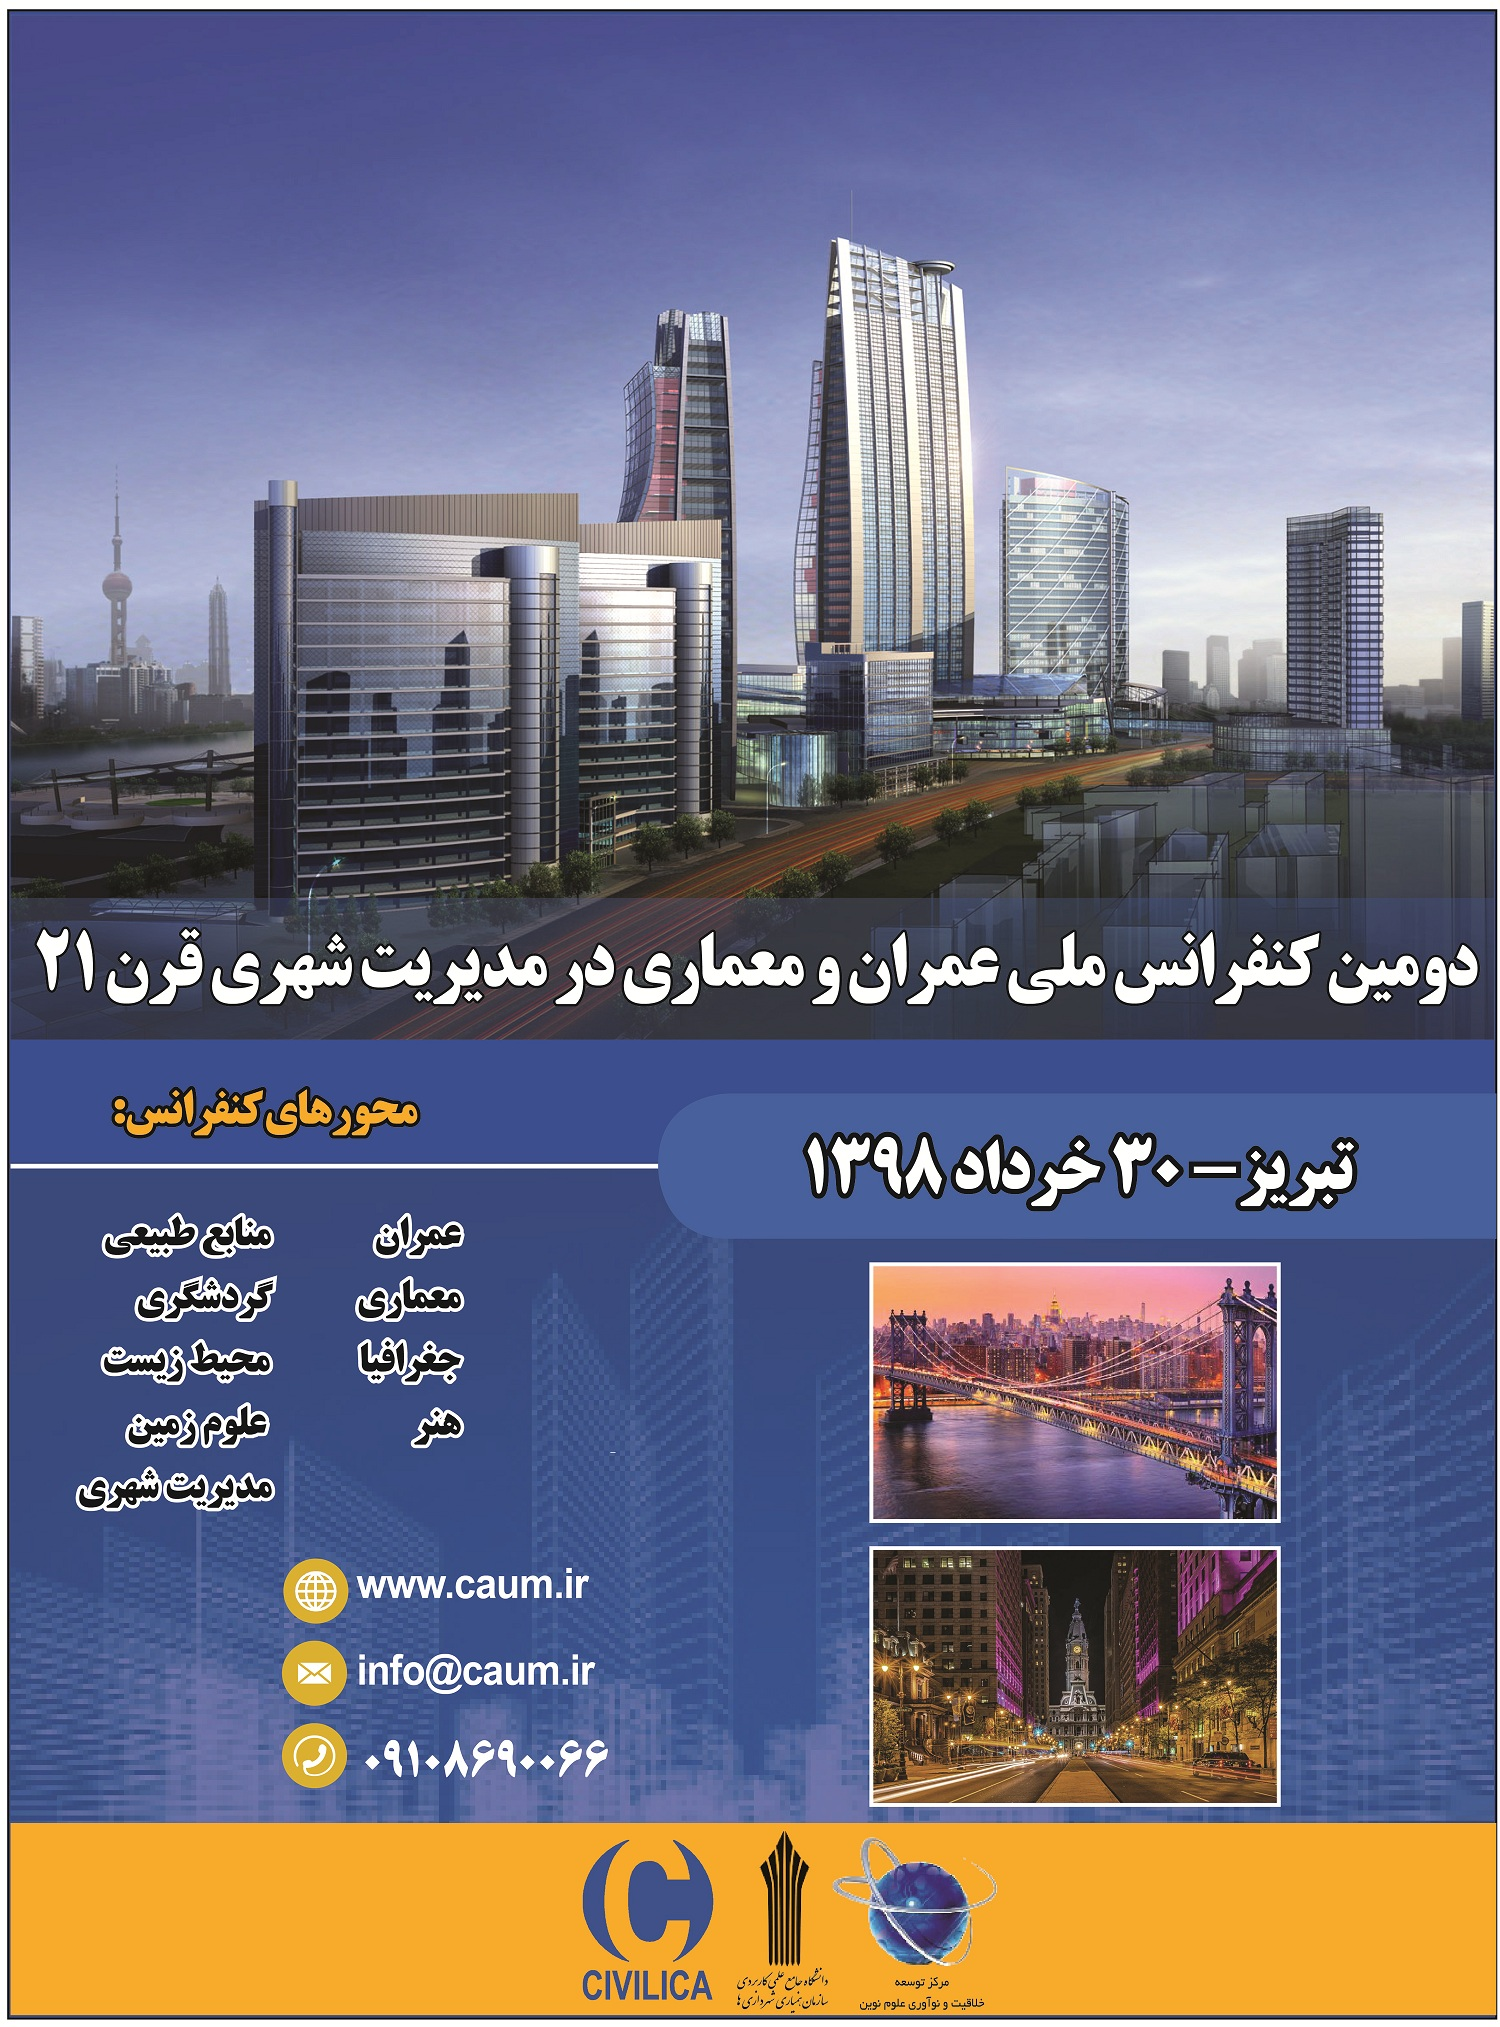 دومین کنفرانس ملی عمران و معماری در مدیریت شهری قرن 21